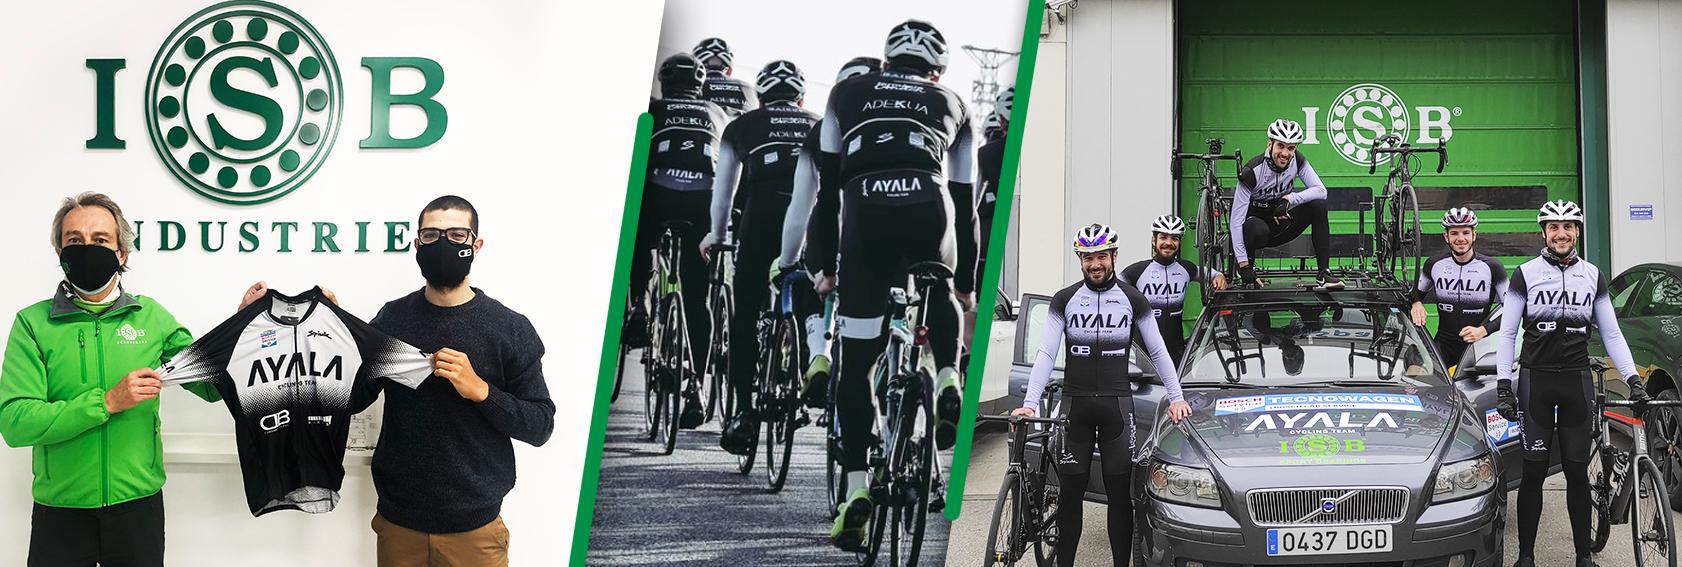 Club ciclista Ayala Cycling Team ISB Sport